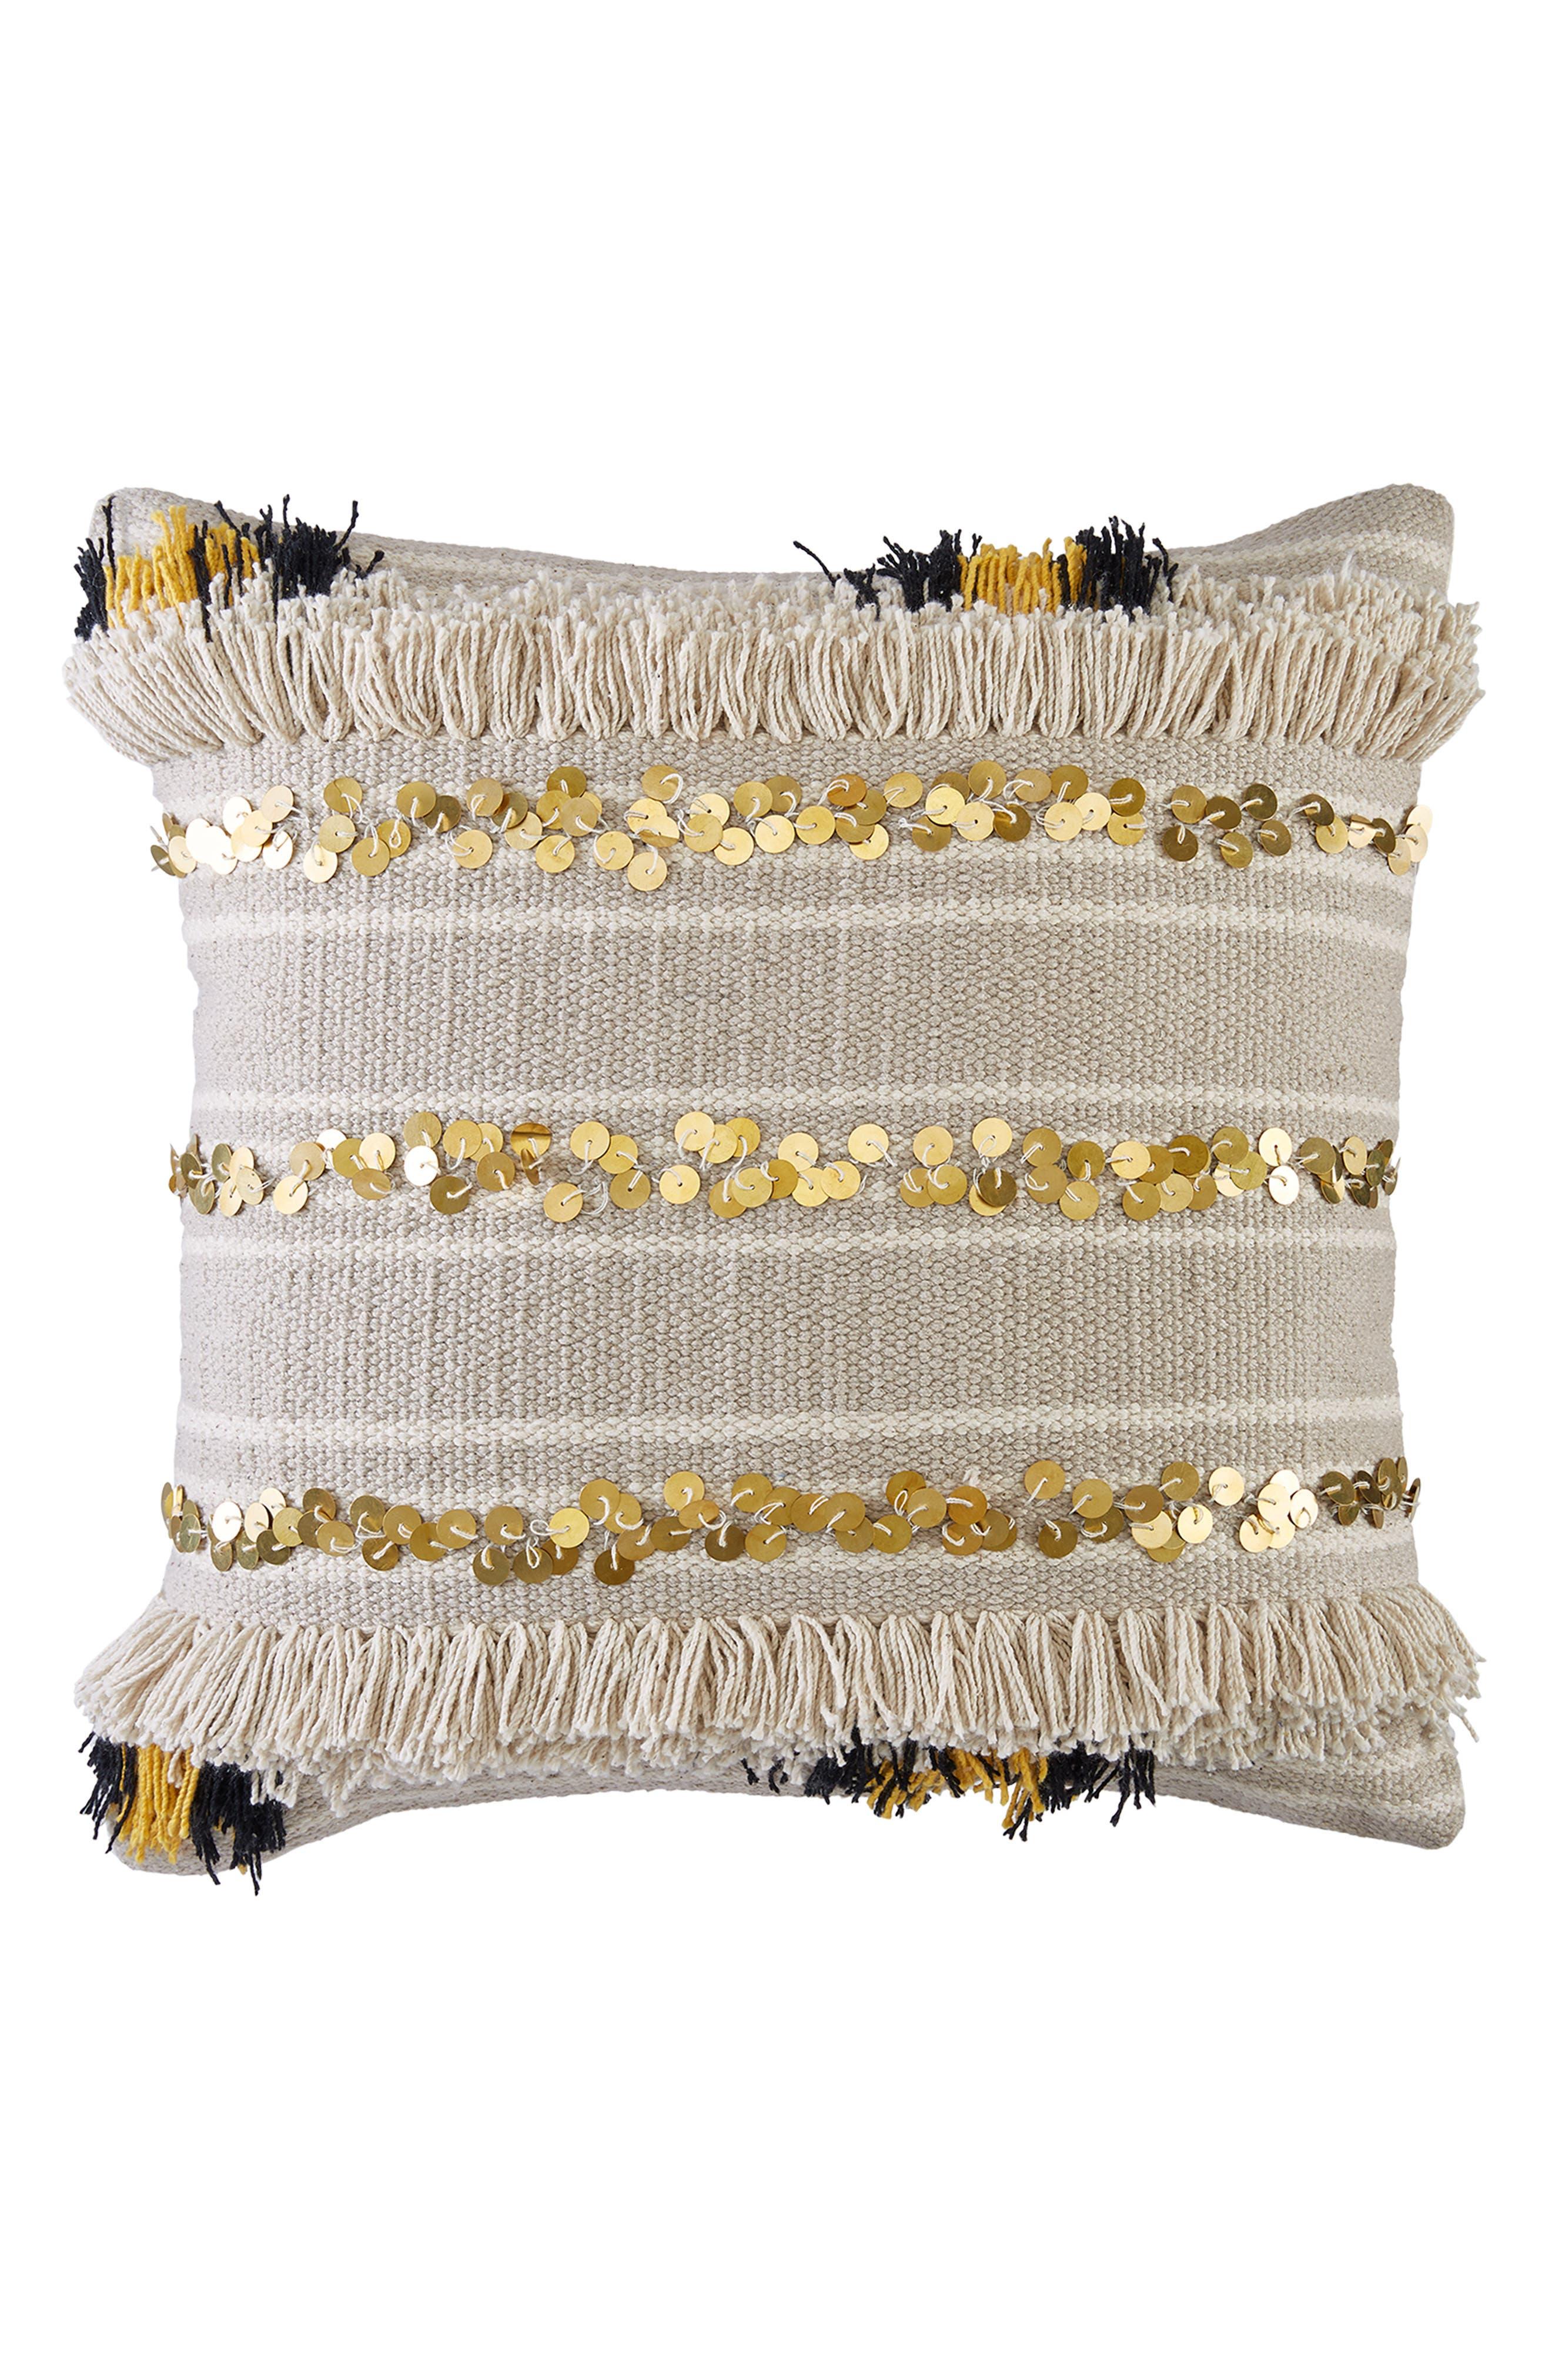 Moroccan Pailettes Accent Pillow,                             Main thumbnail 1, color,                             130